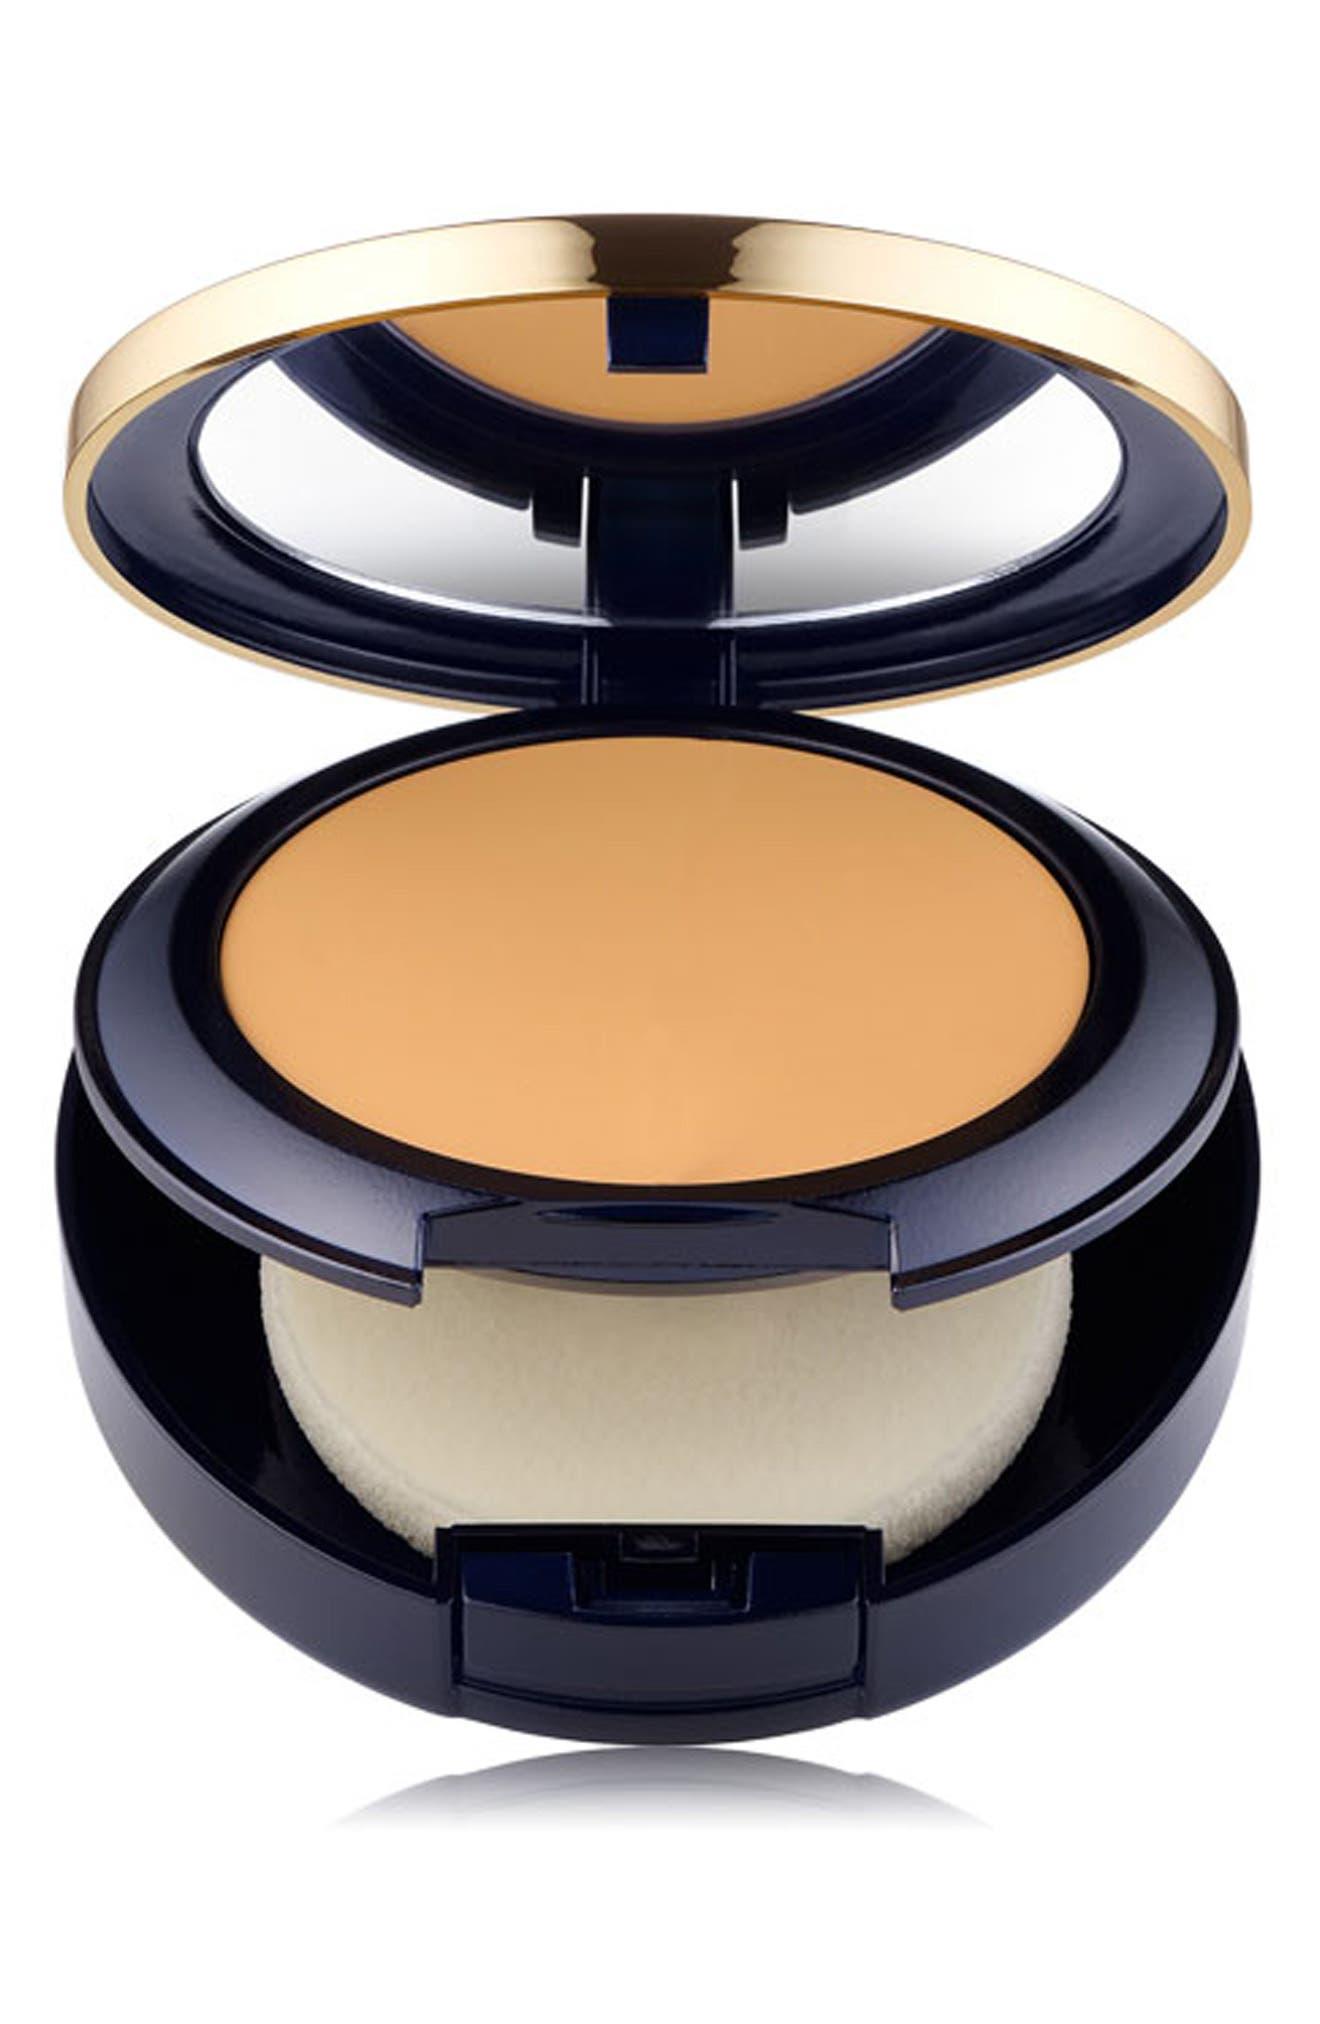 Estee Lauder Double Wear Stay In Place Matte Powder Foundation - 5W1 Bronze